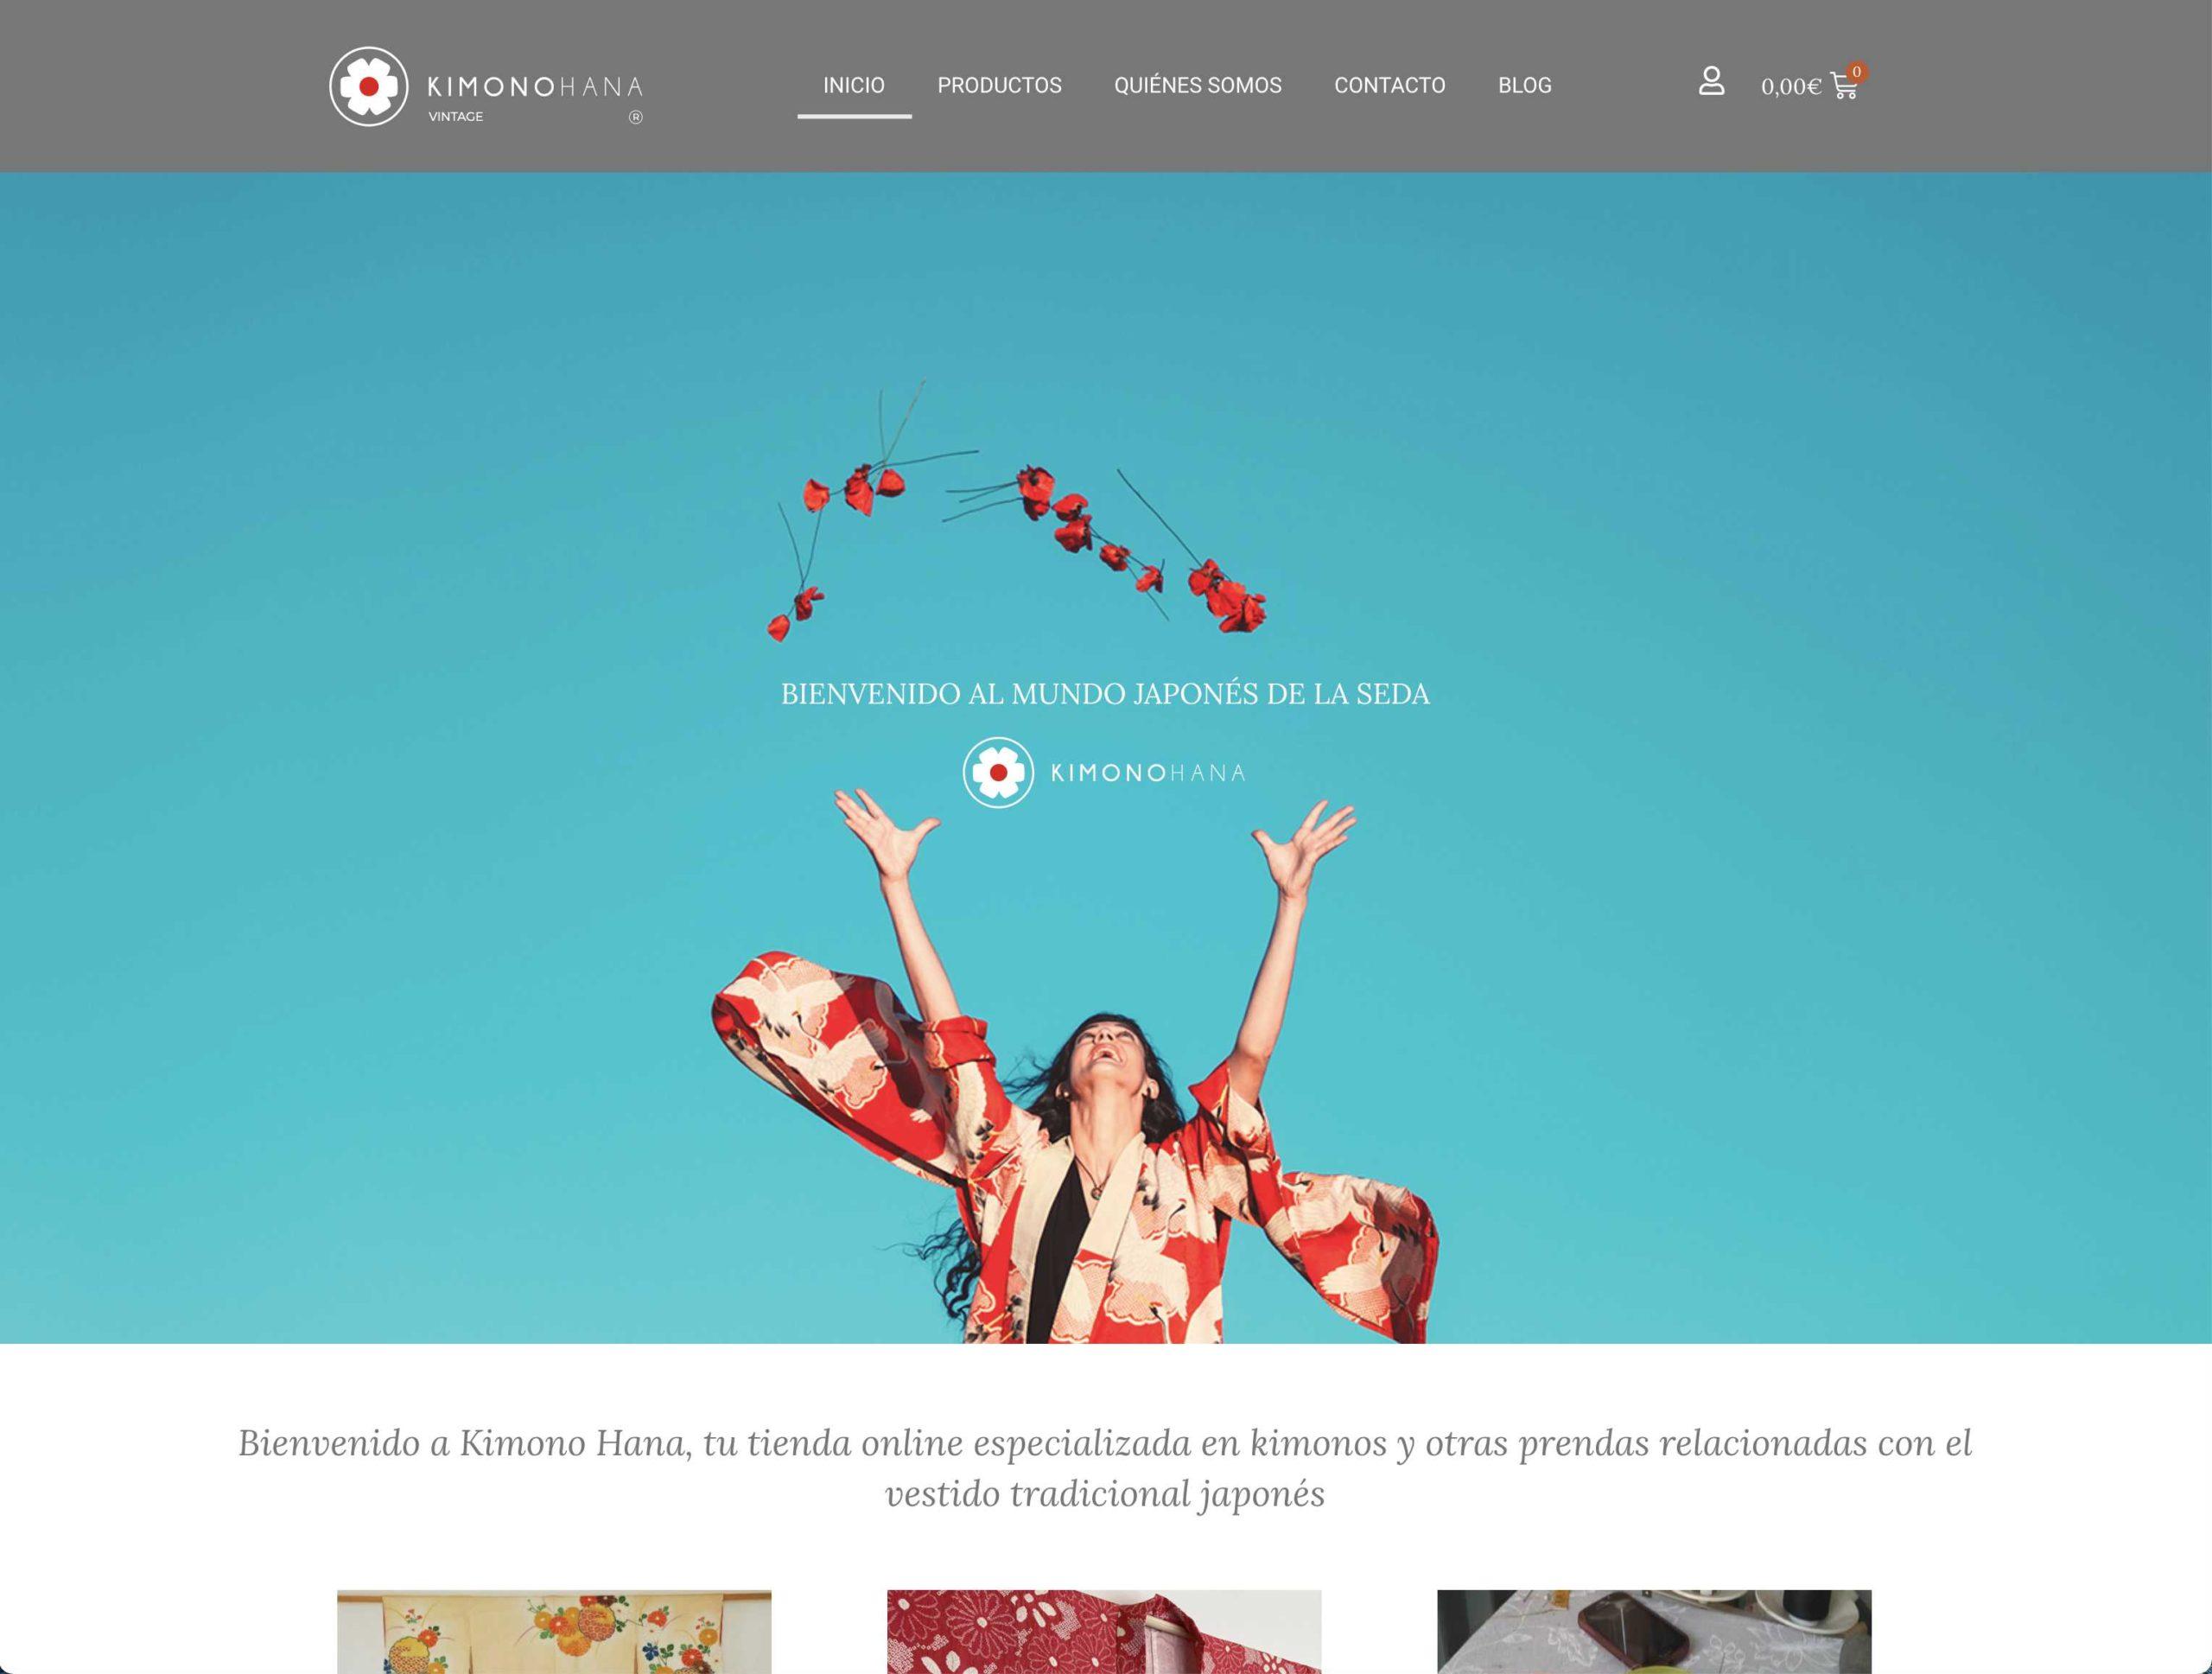 diseño y desarrollo de página web kimonohana.com